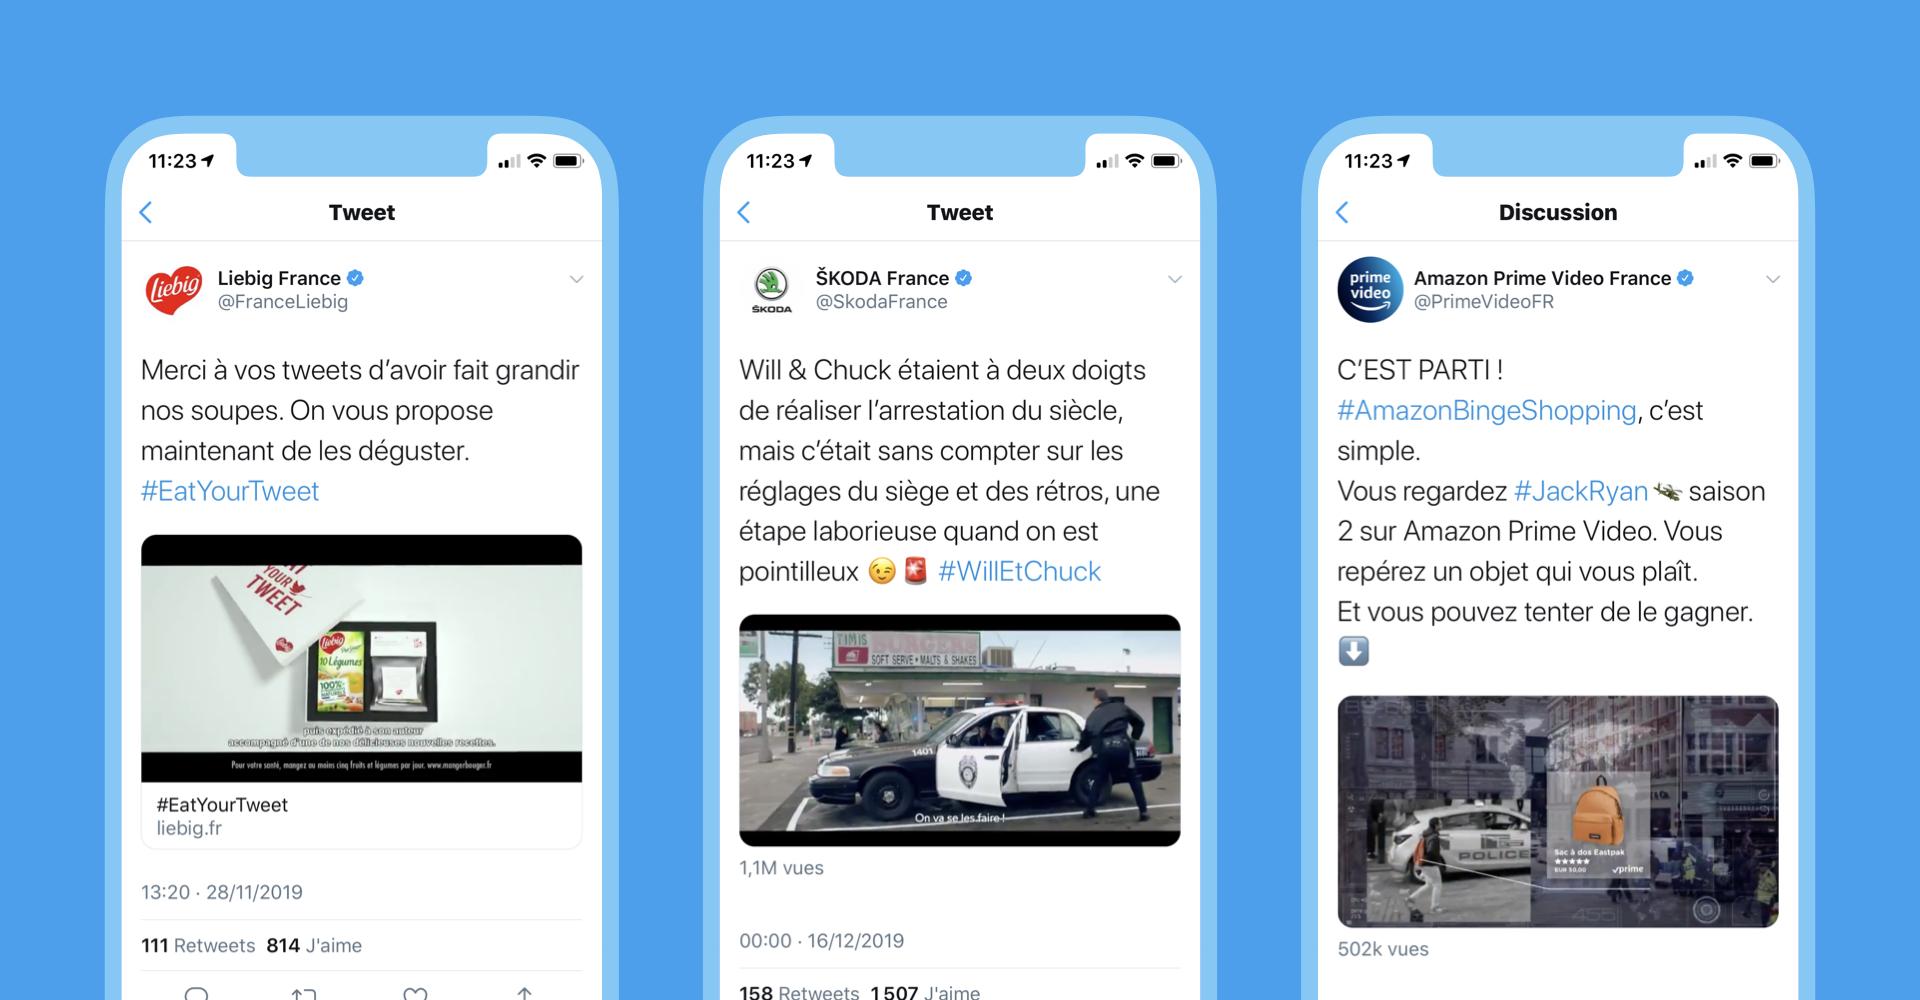 5 bons coups marketing réalisés sur Twitter